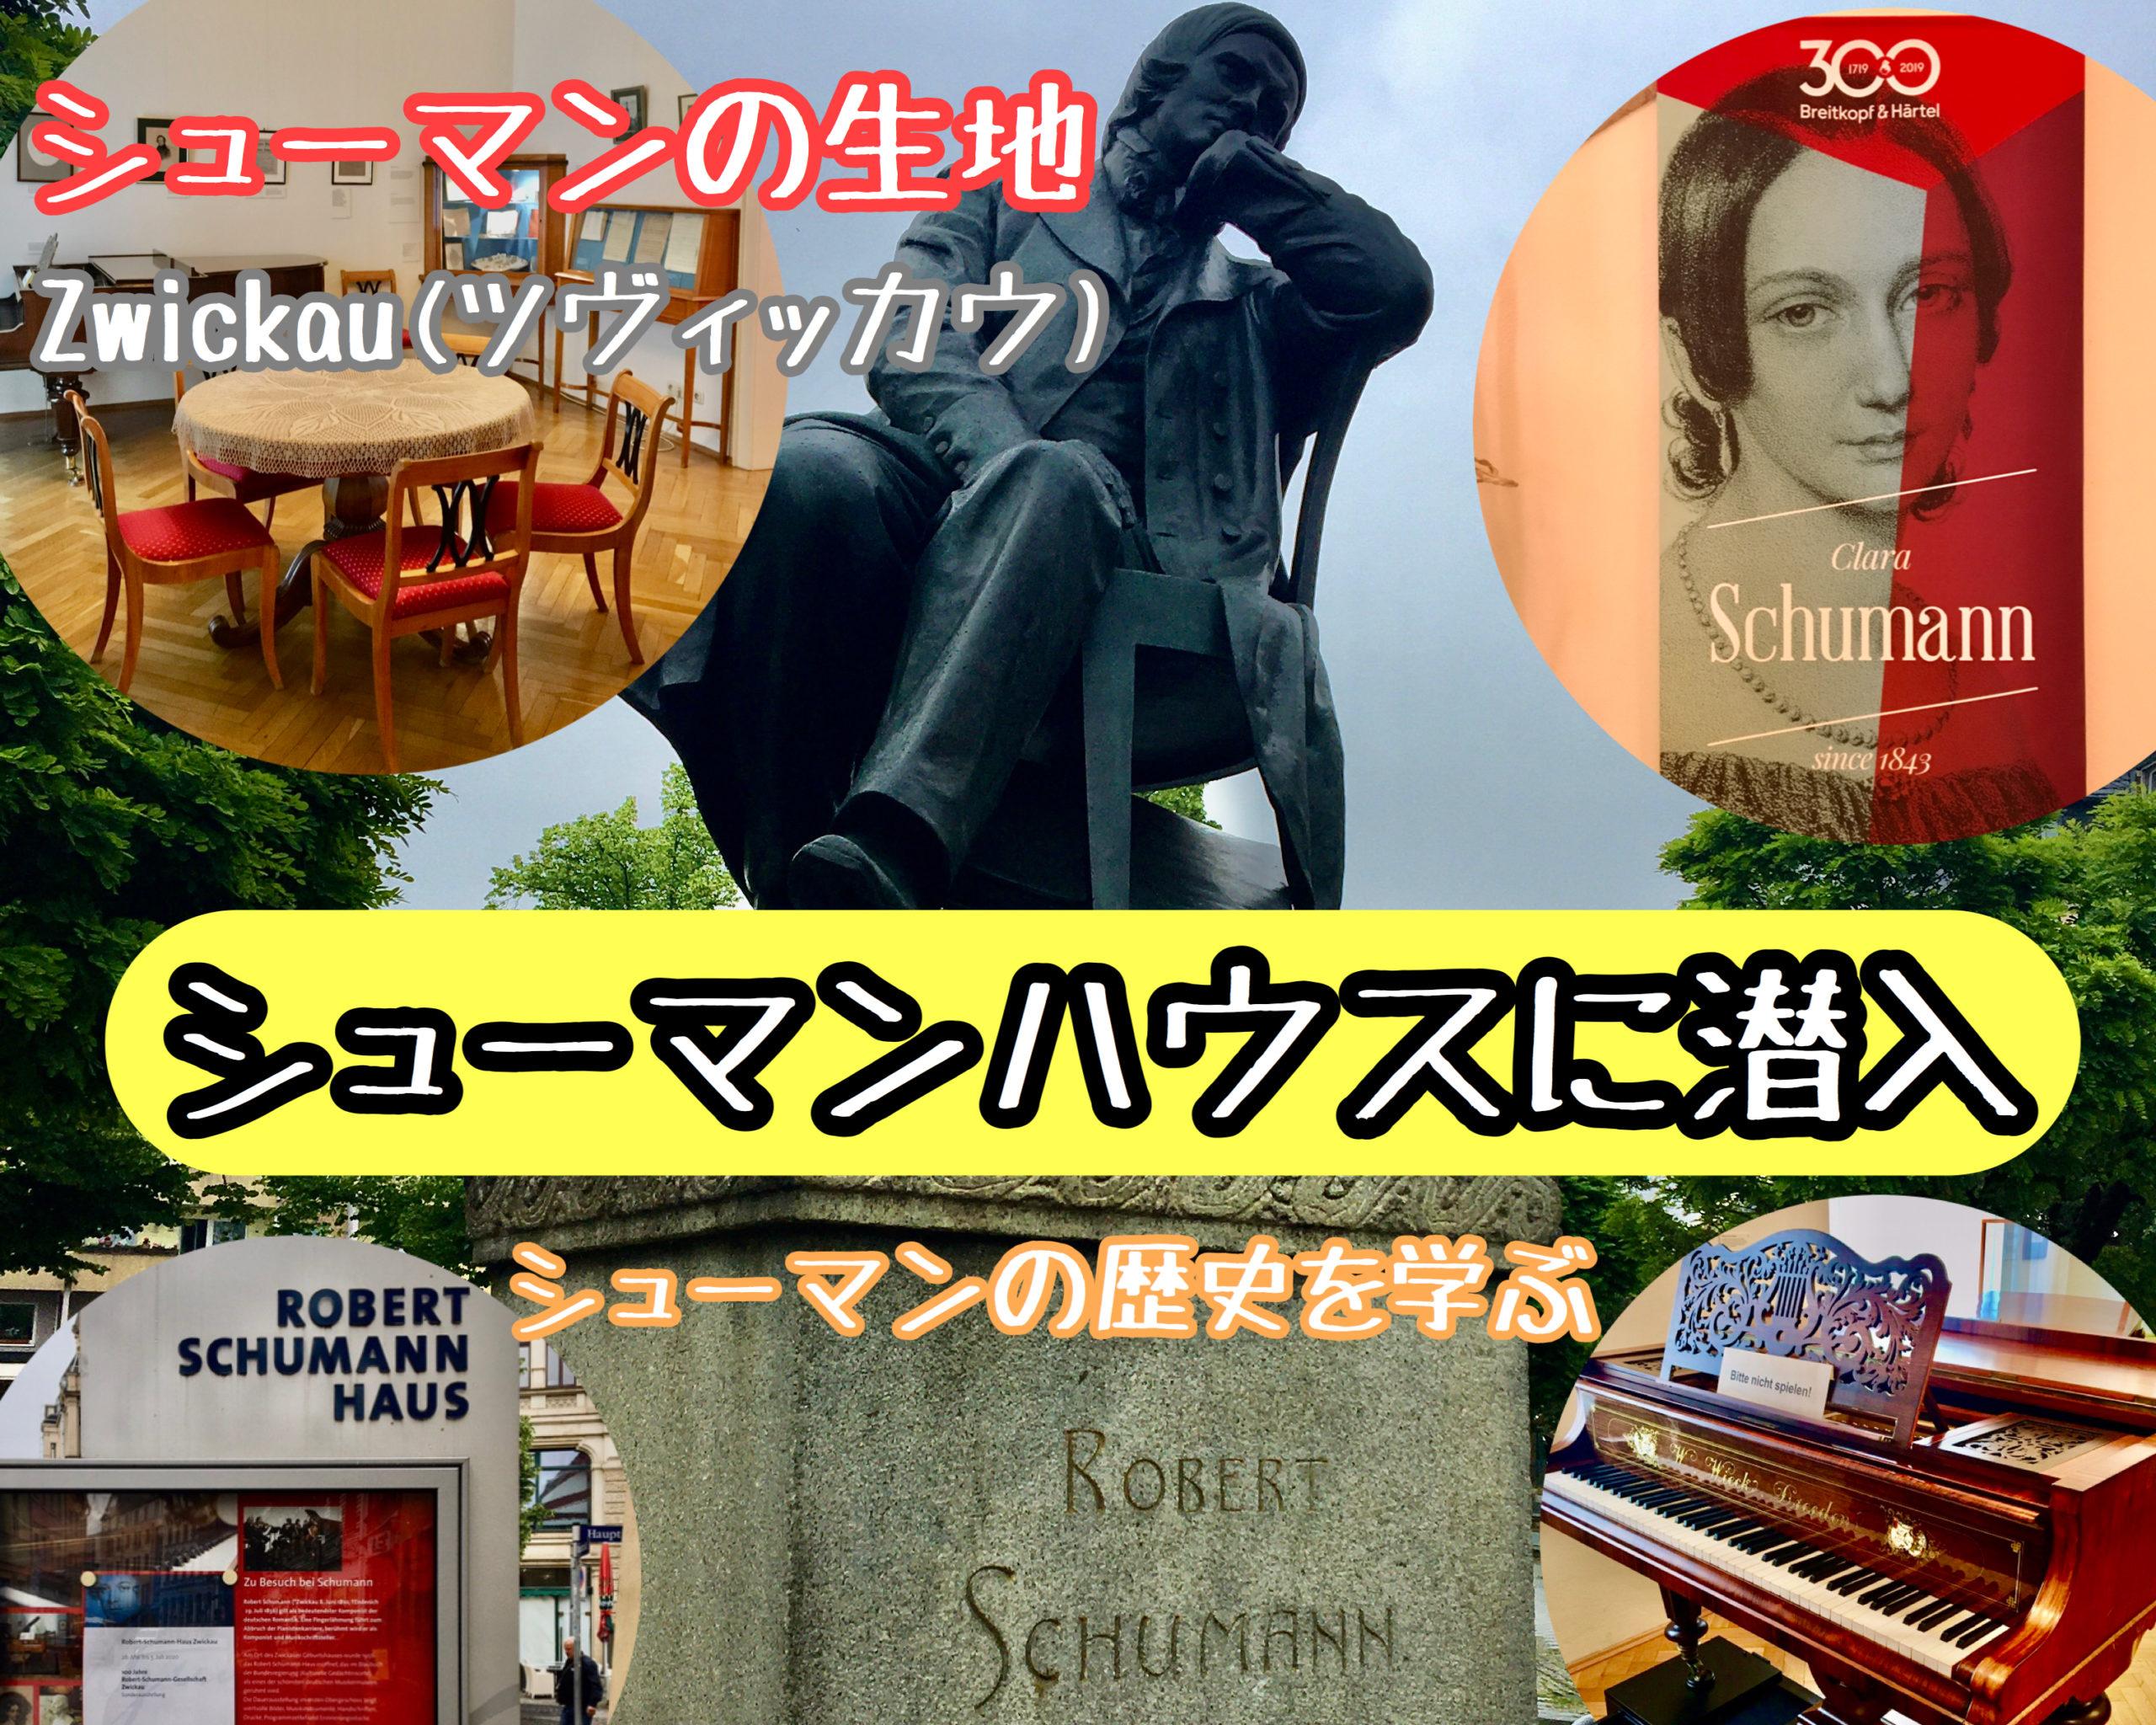 クラシック好き必見!「神童のピアニスト」シューマンの生地ツヴィッカウ シューマンハウスに潜入